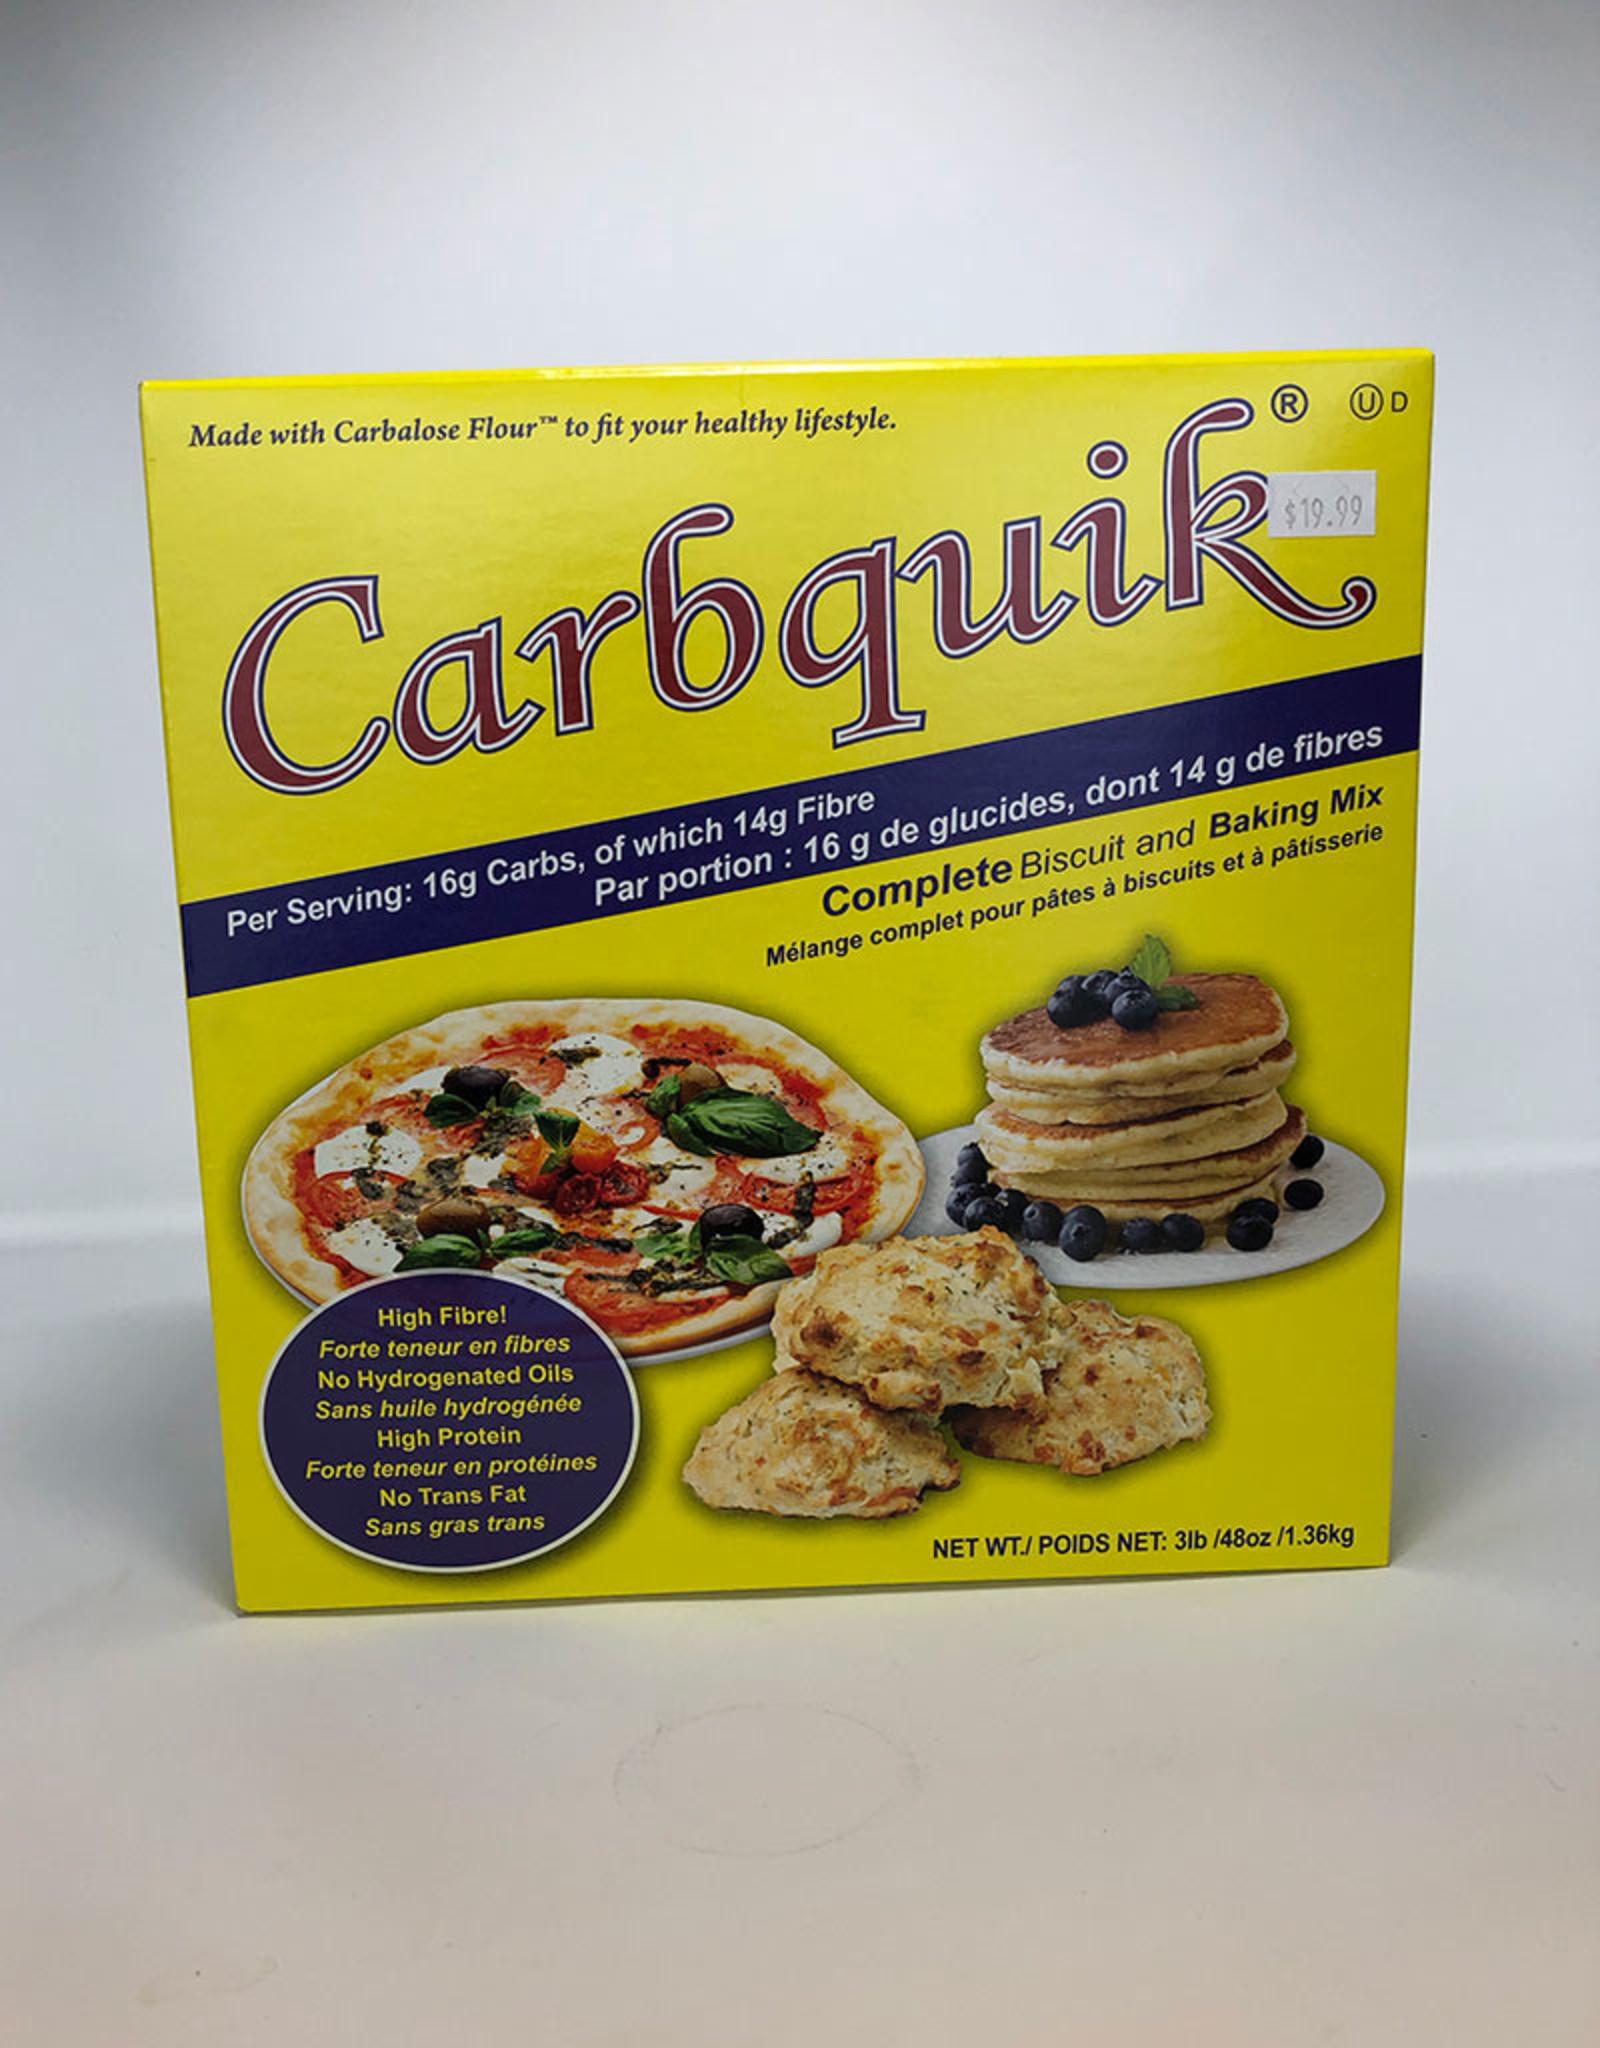 Carbquick Carbquik - Complete Biscuit & Baking Mix (1.36kg)